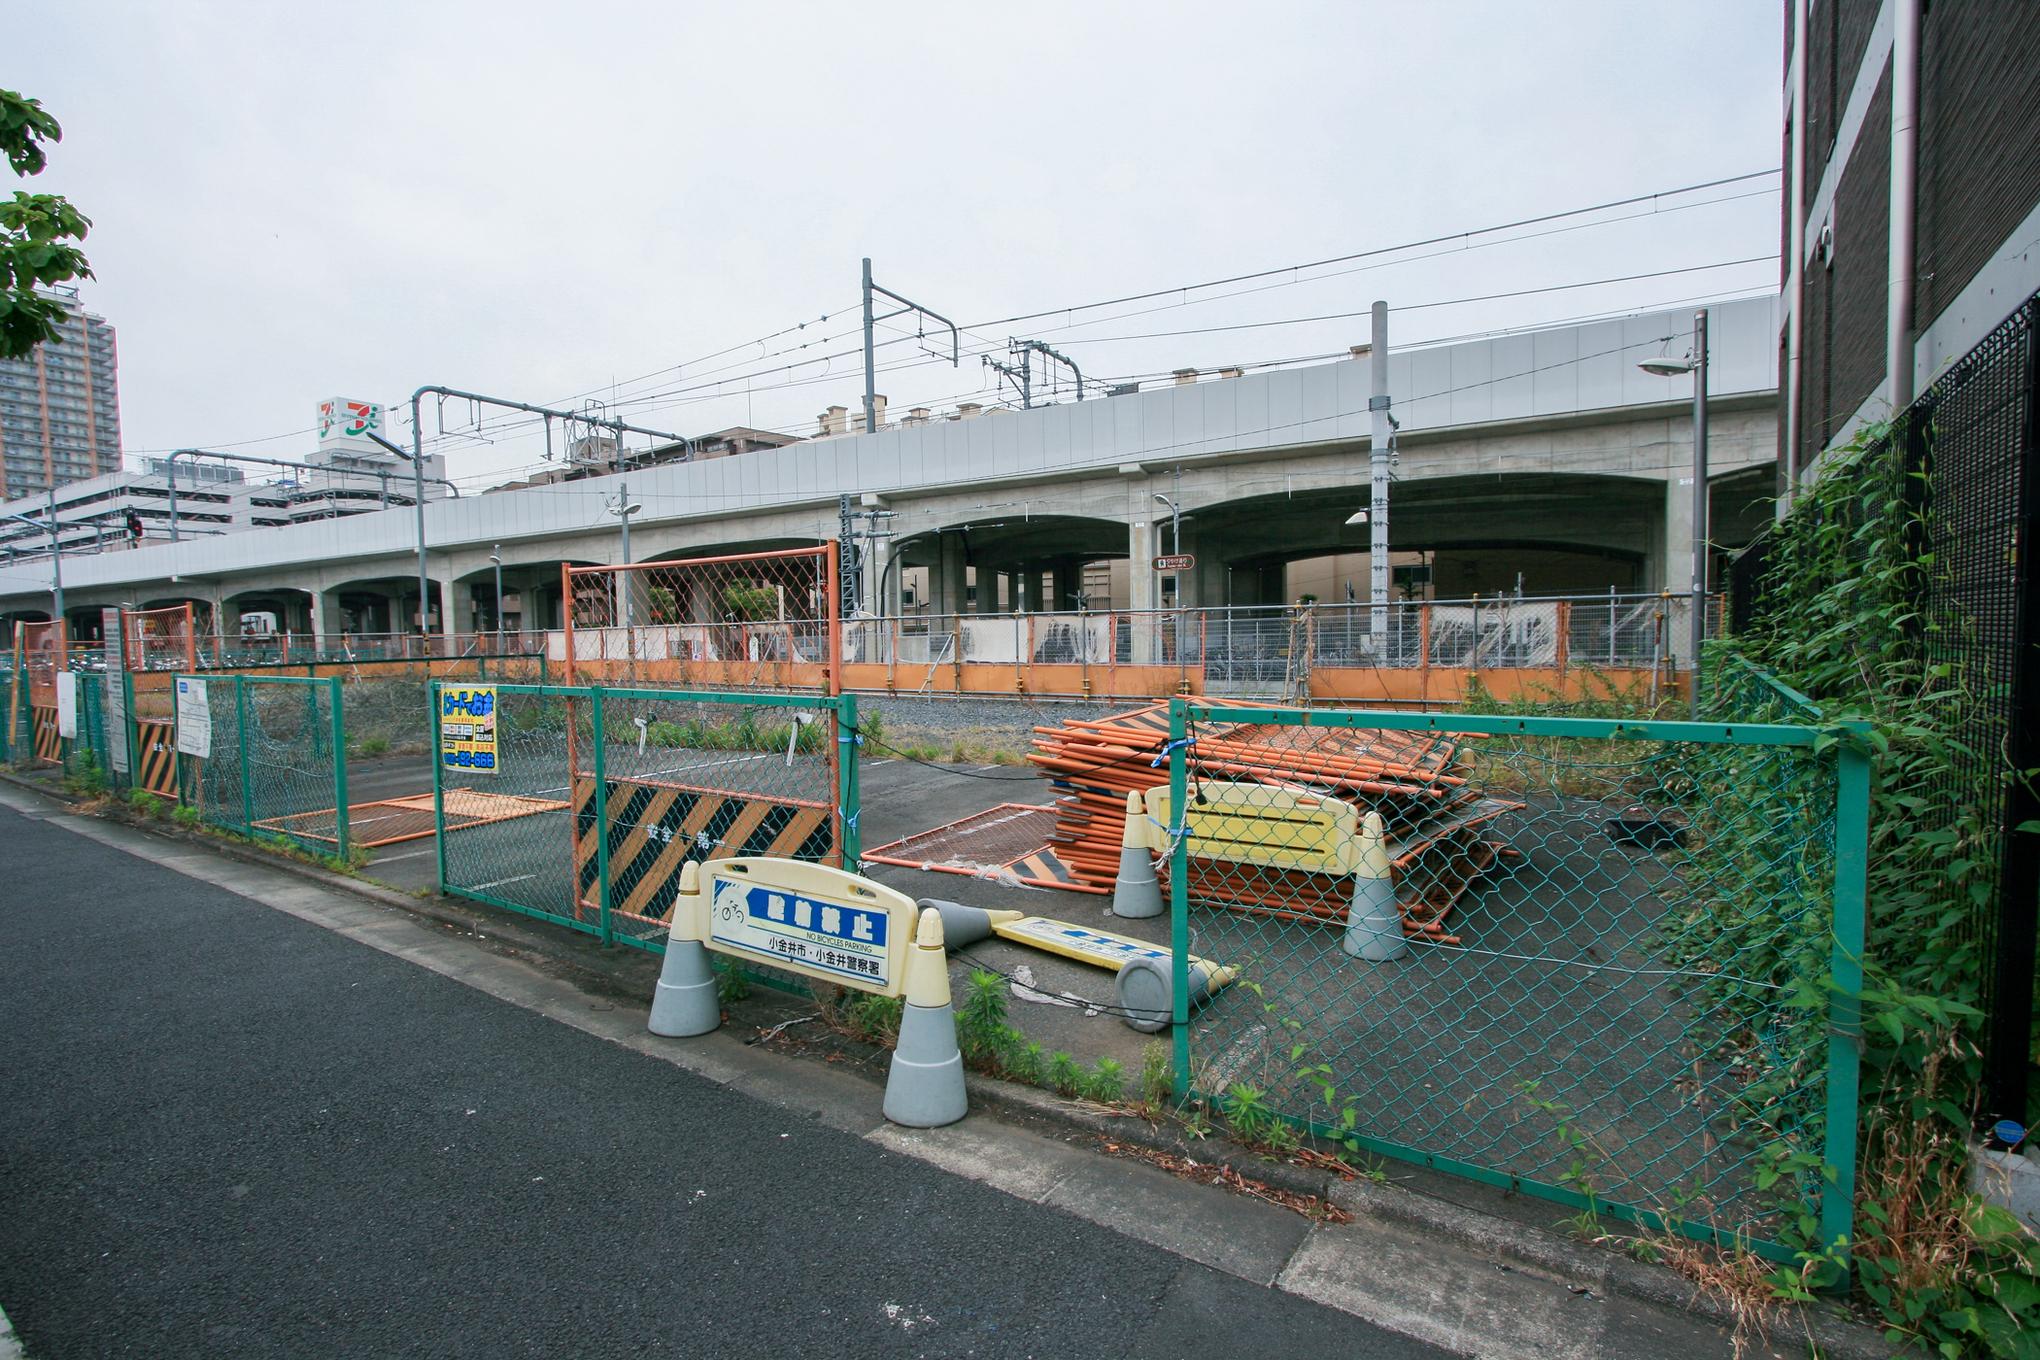 f:id:akichiniiko:20200720204153j:plain